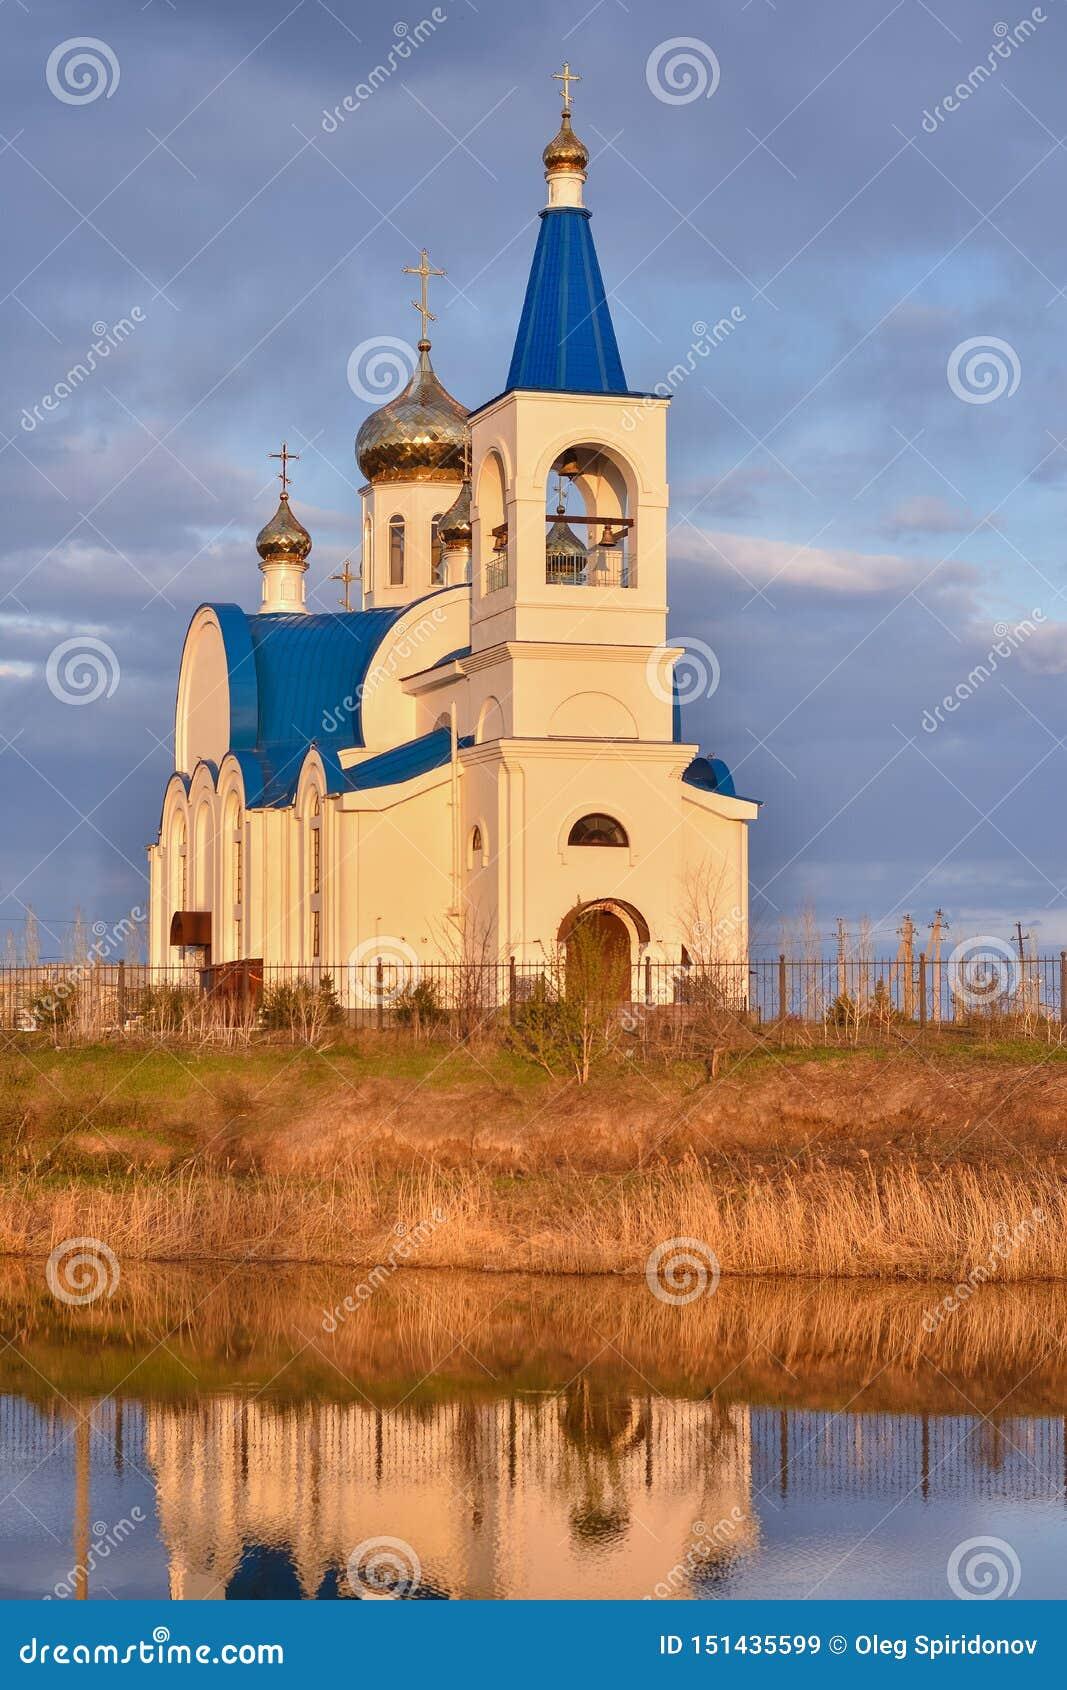 Vit kyrka med det blåa taket på sjön